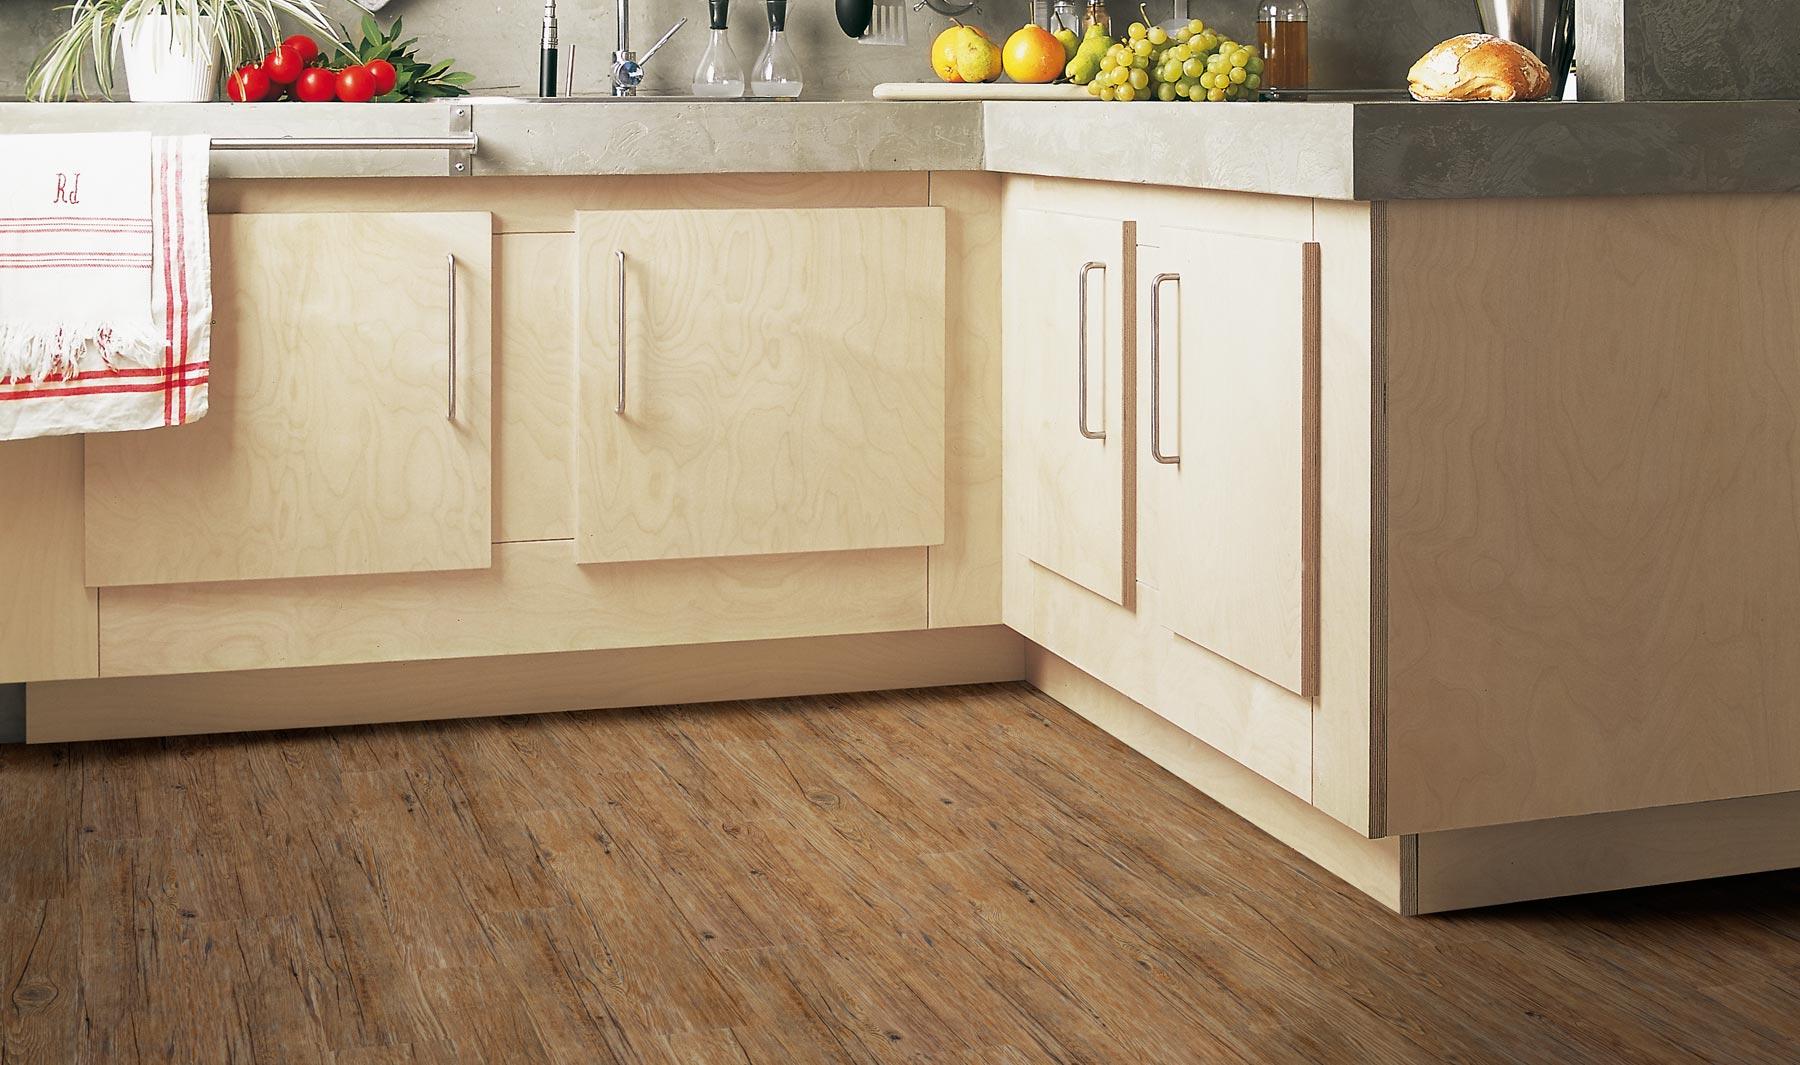 Nuevo suelo bueno bonito y barato para toda tu casa - Suelo barato interior ...